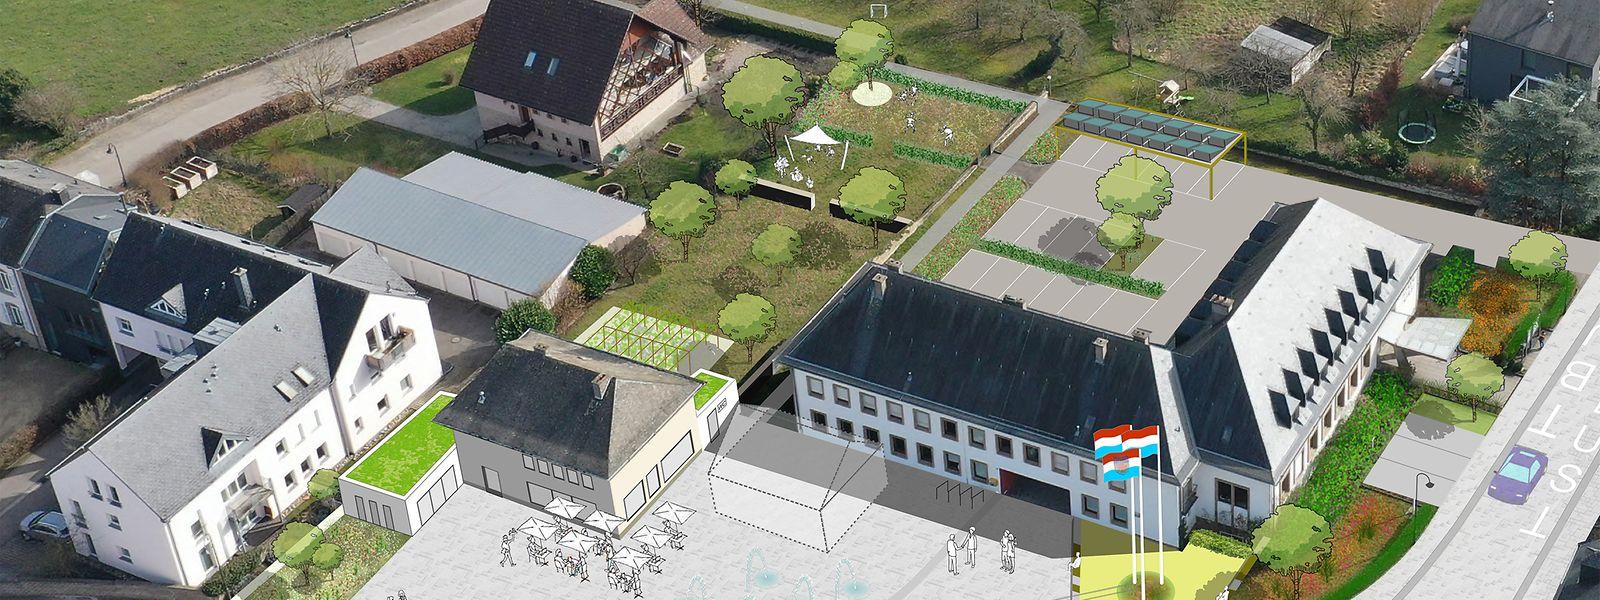 Ein Vorplatz mit Fahnen, Wasserspiel und Sitzwürfeln sowie ein Freiraum für Zeremonien und ein Kräutergarten: Das neue Projekt soll den Ortskern rund um das Rathaus in Biwer aufwerten.